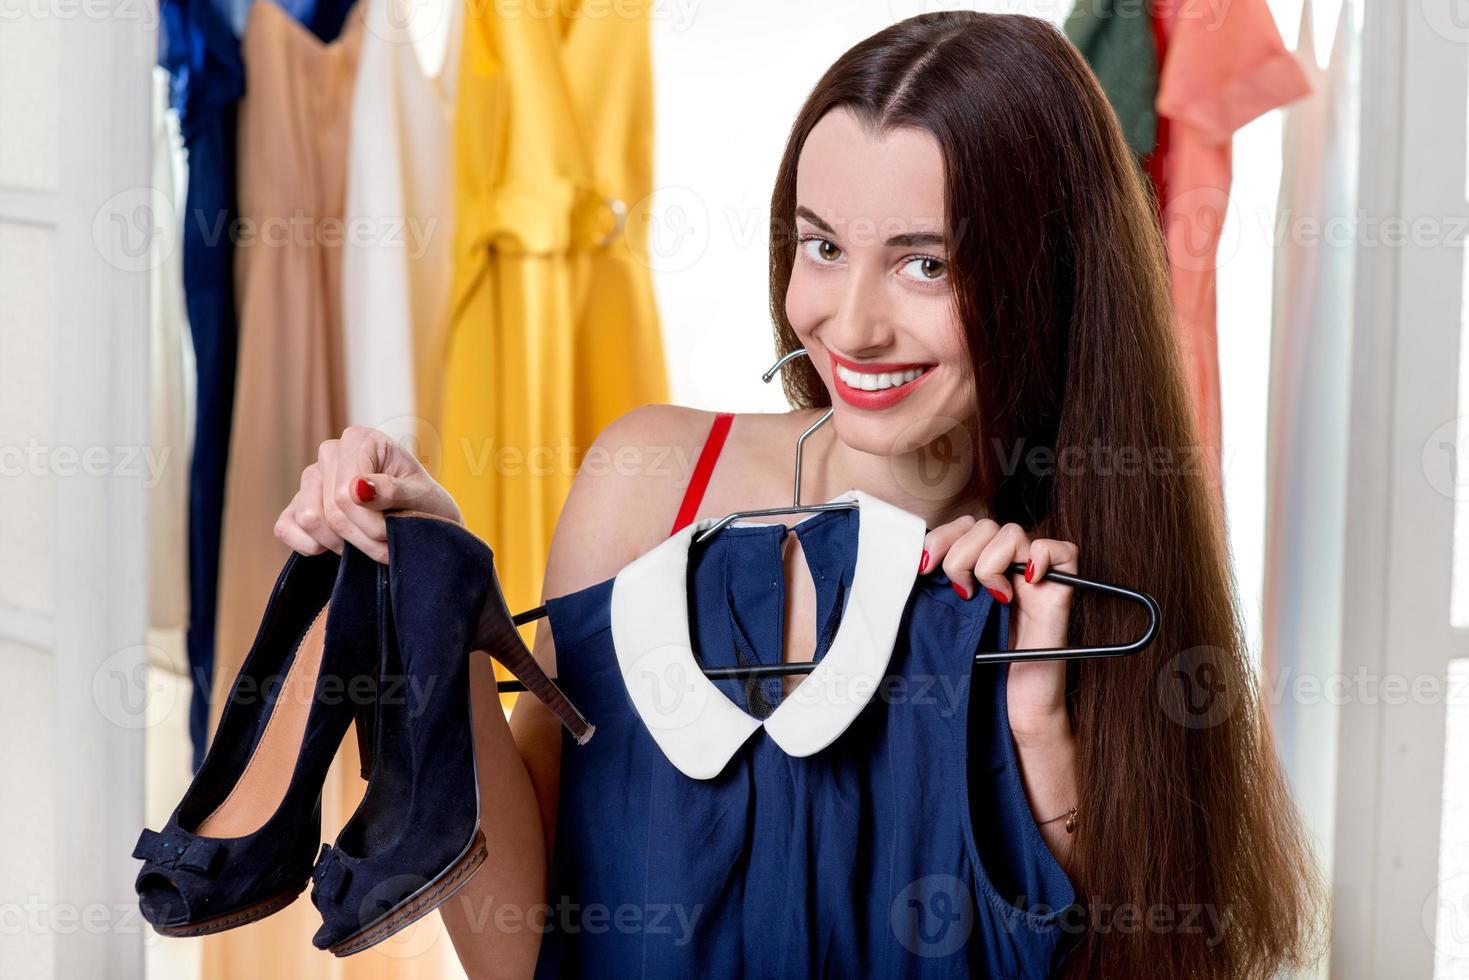 Frau im Kleiderschrank foto